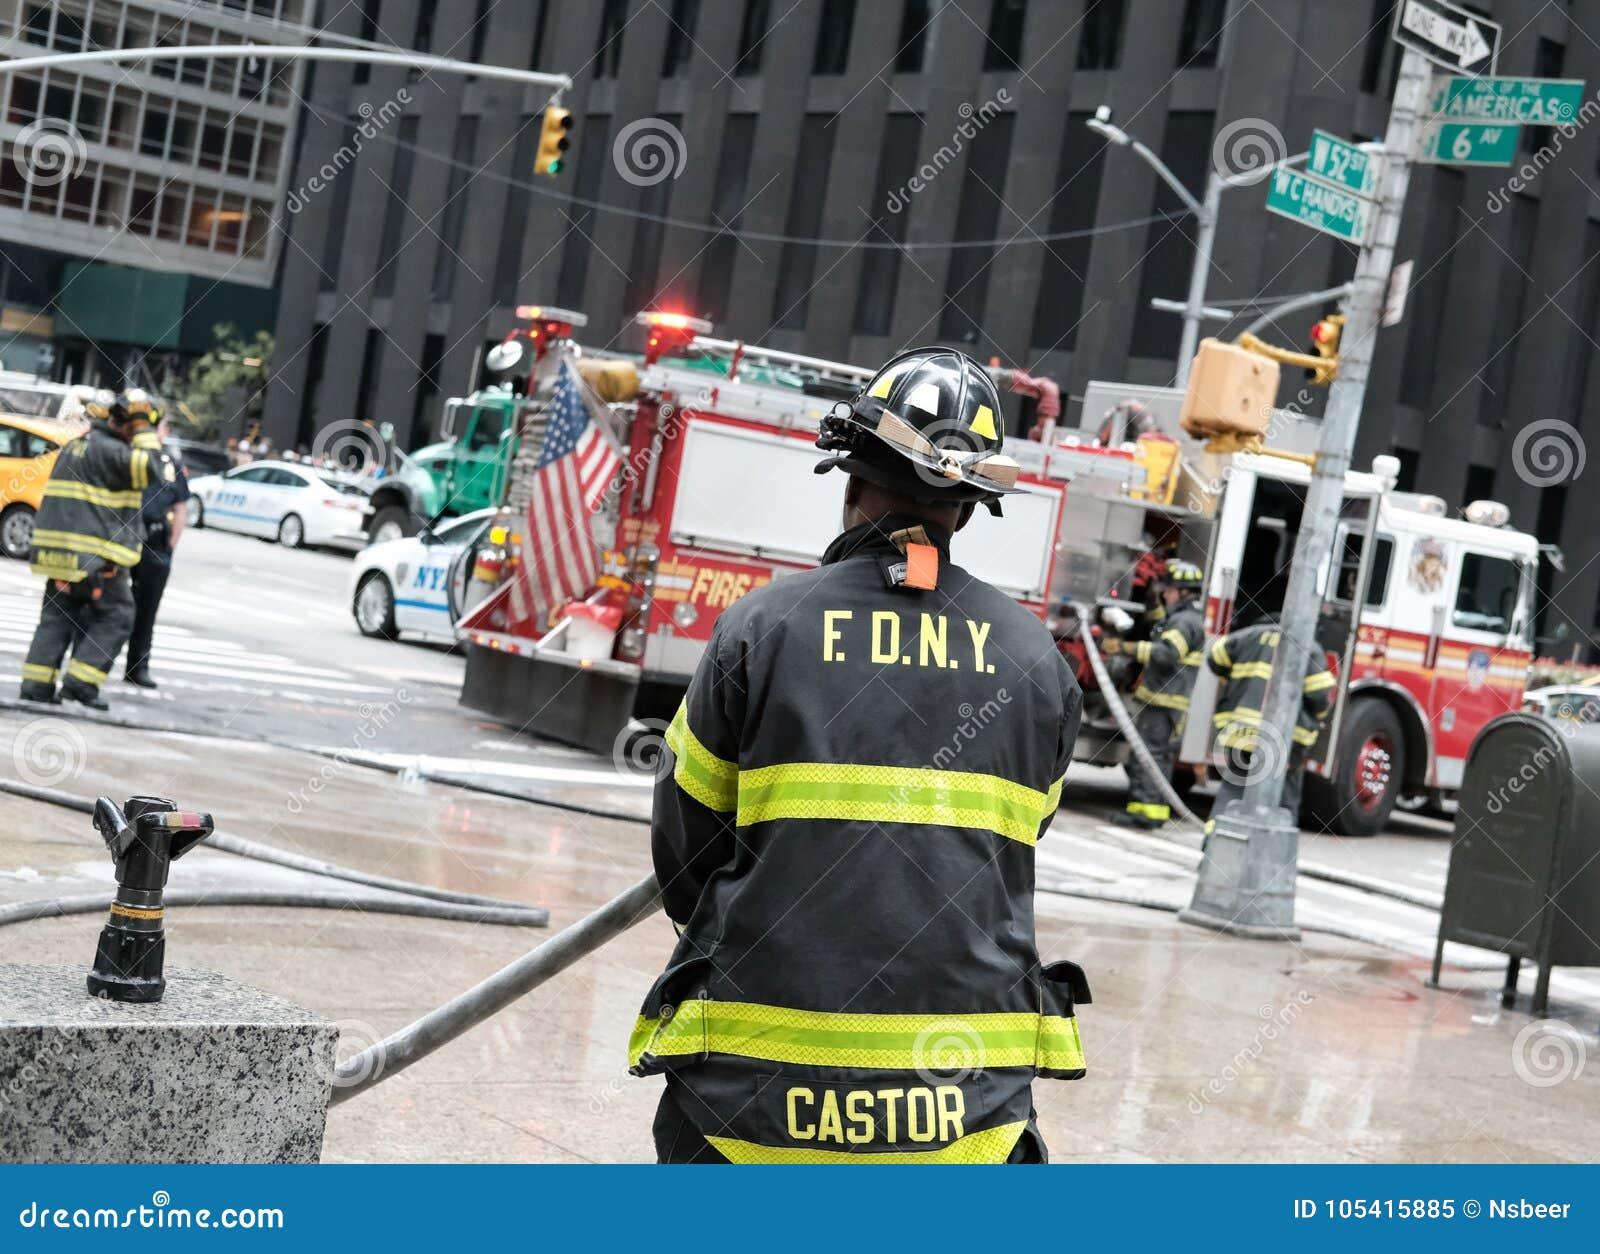 Abstrakt sikt av en polis- och brandhändelse i New York City, USA